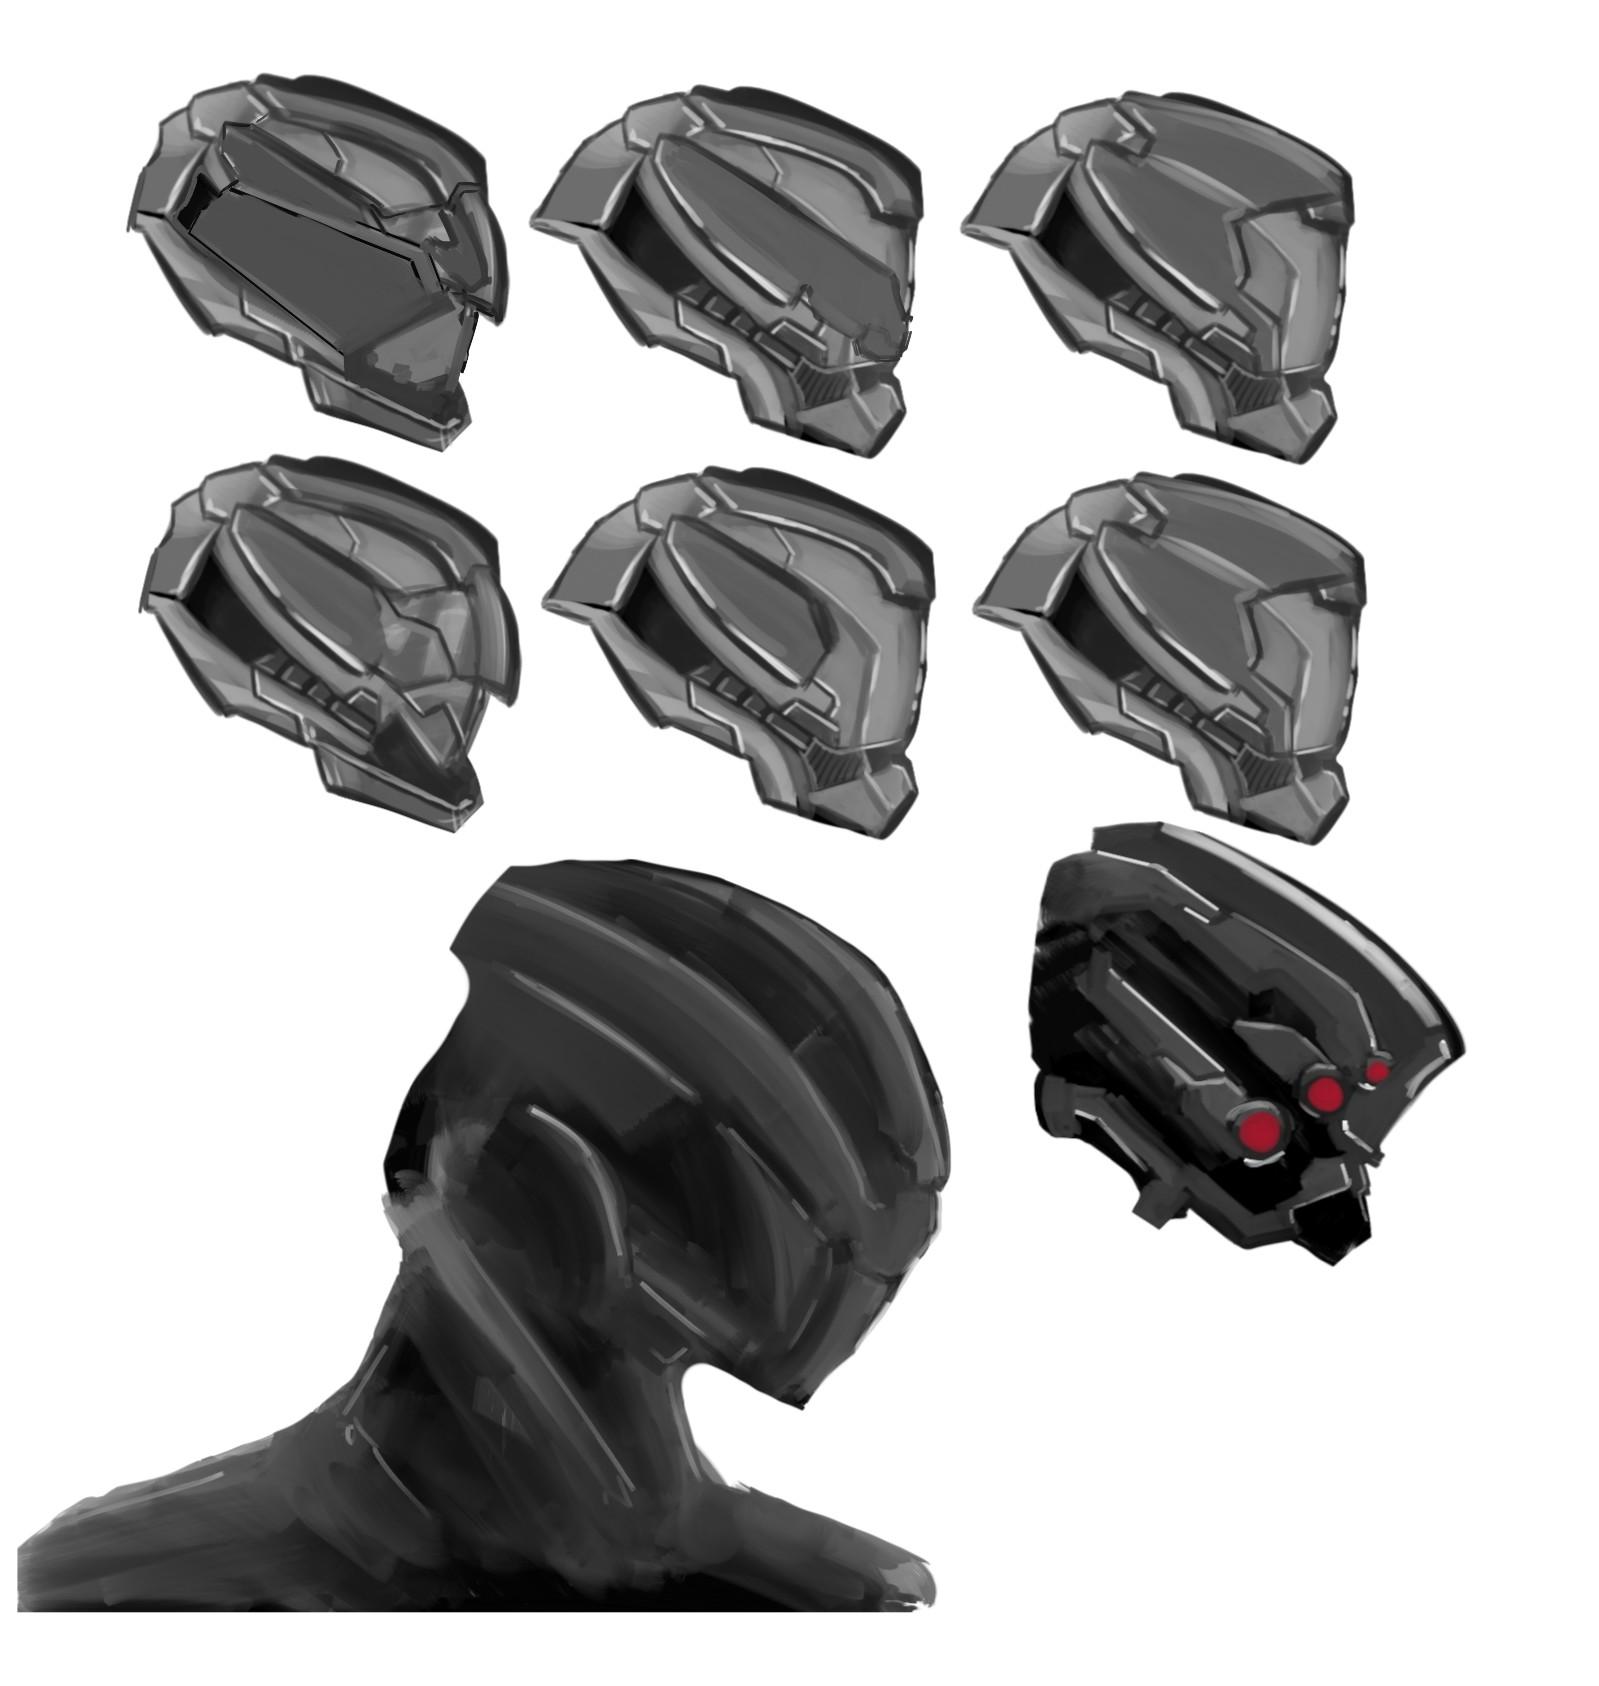 Jerry perkins mx1001 helmets